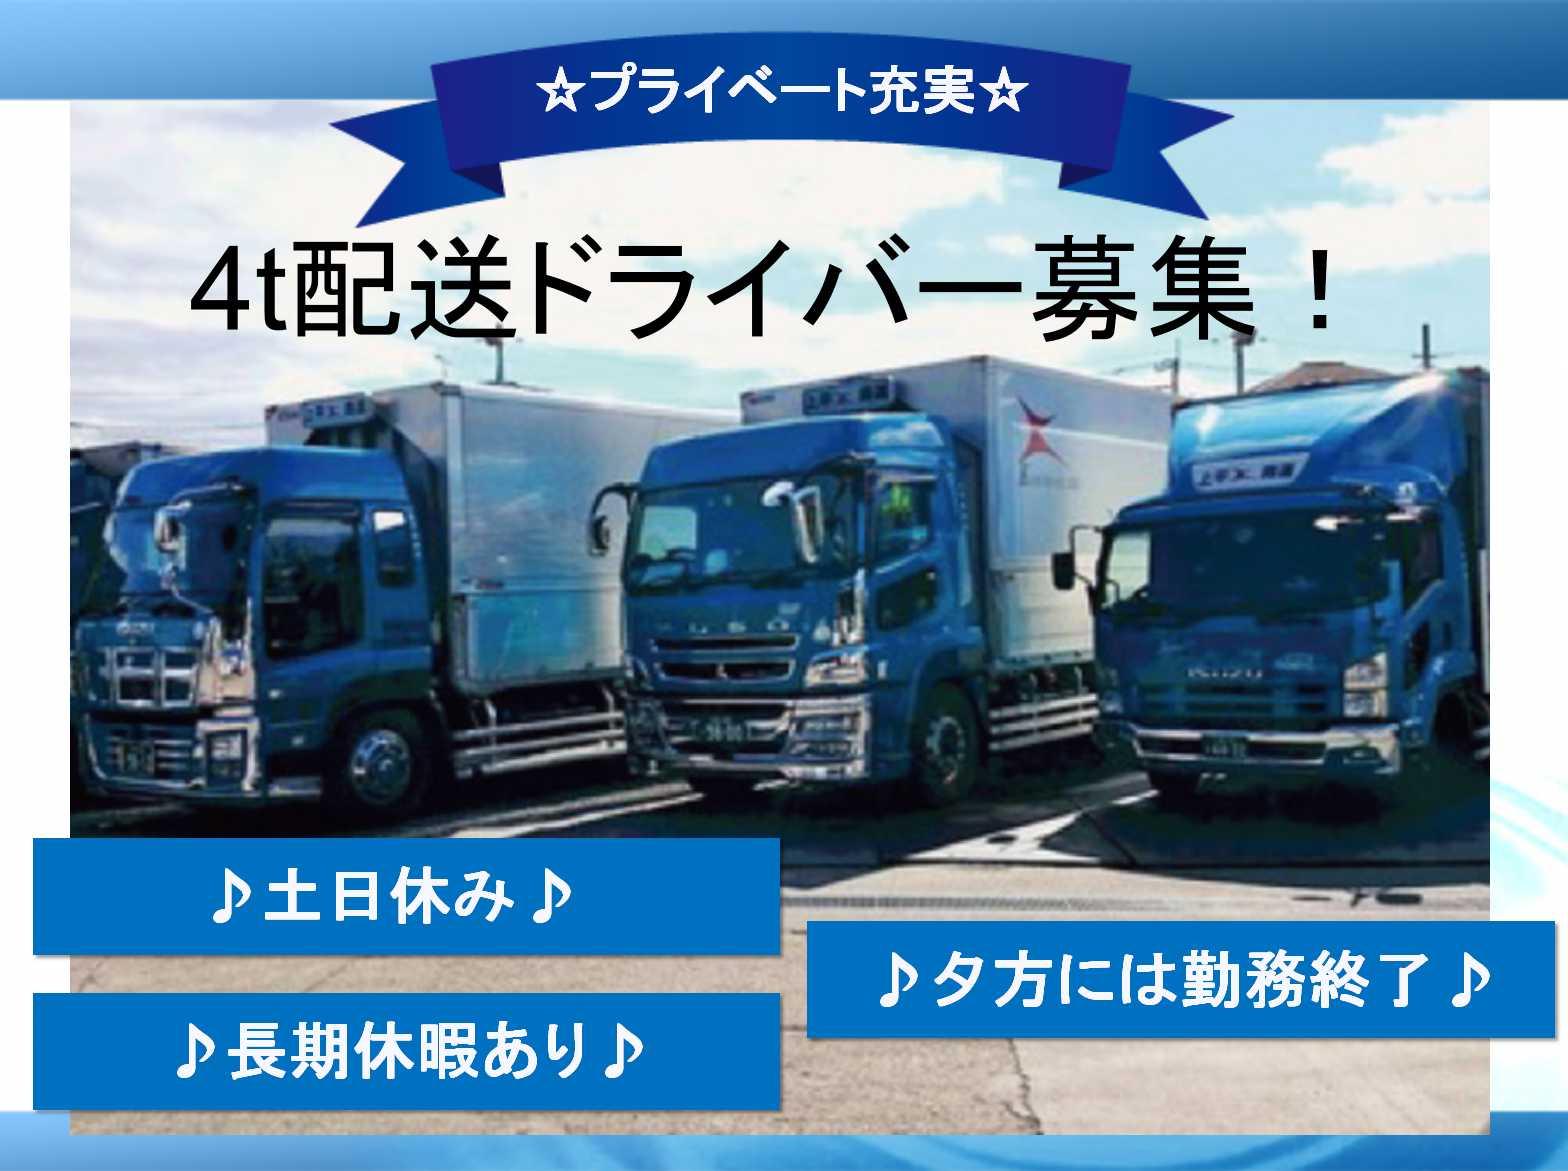 【正社員】土日休み♪高収入26万円以上♪4t配送ドライバー募集! イメージ